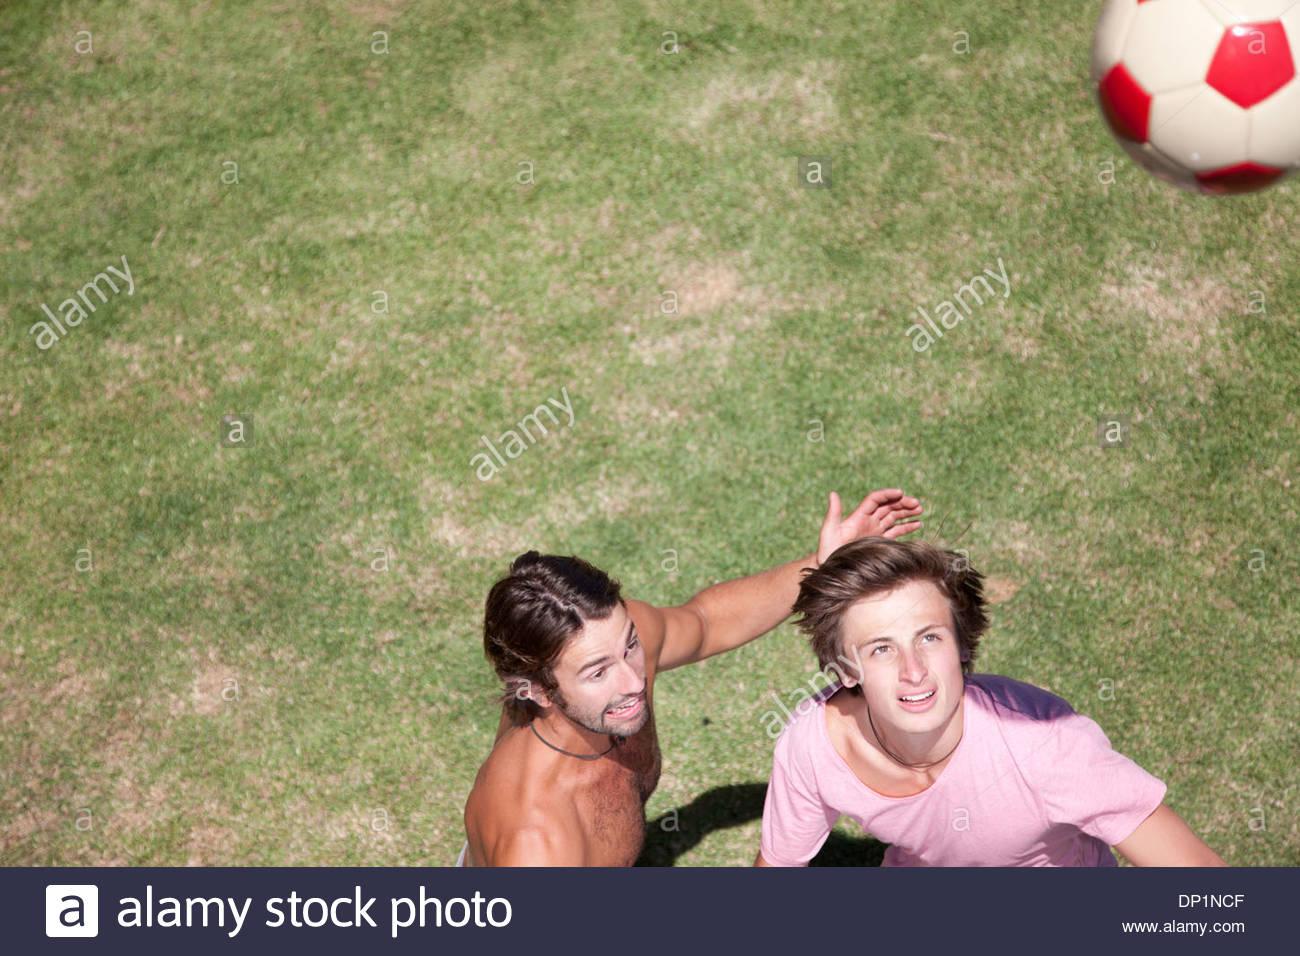 Les hommes jouant au football sur l'herbe Photo Stock